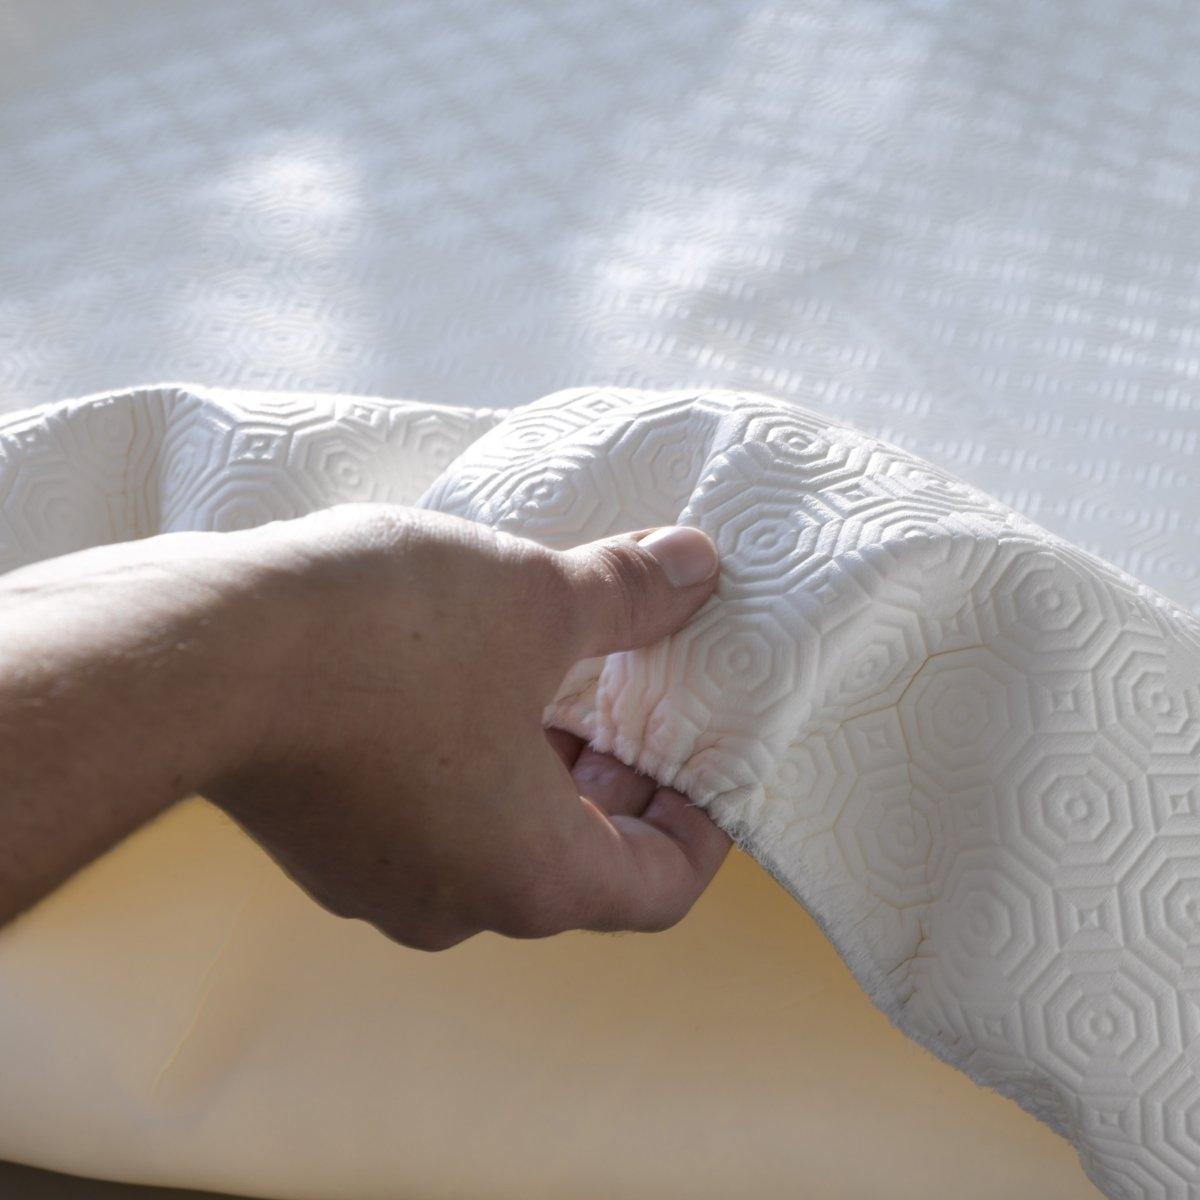 Чехол защитный для стола, качество люксКачество люкс. Практичный чехол защитит ваш стол от царапин и сколов! Выдерживает высокую температуру, удары, не скользит. Резинка по периметру удерживает чехол на месте. 78% ПВХ, 22% пропитки ПВХ. Толщина 2,2 мм. Легко вытирается губкой. Соответствие размеров чехла и стола (от края до края):  - Прямоуг.105 x 165 см: стол 90 x 150 см - Круг 110 х 125 см: стол диаметром 110 см - Круг 130 х 145 см: стол диаметром 145 см - Овал 110 x 140 см: стол 95 x 125 см - Овал 110 x 180 см: стол 90 x 165 см.<br><br>Цвет: белый<br>Размер: кругл. 110/125 см